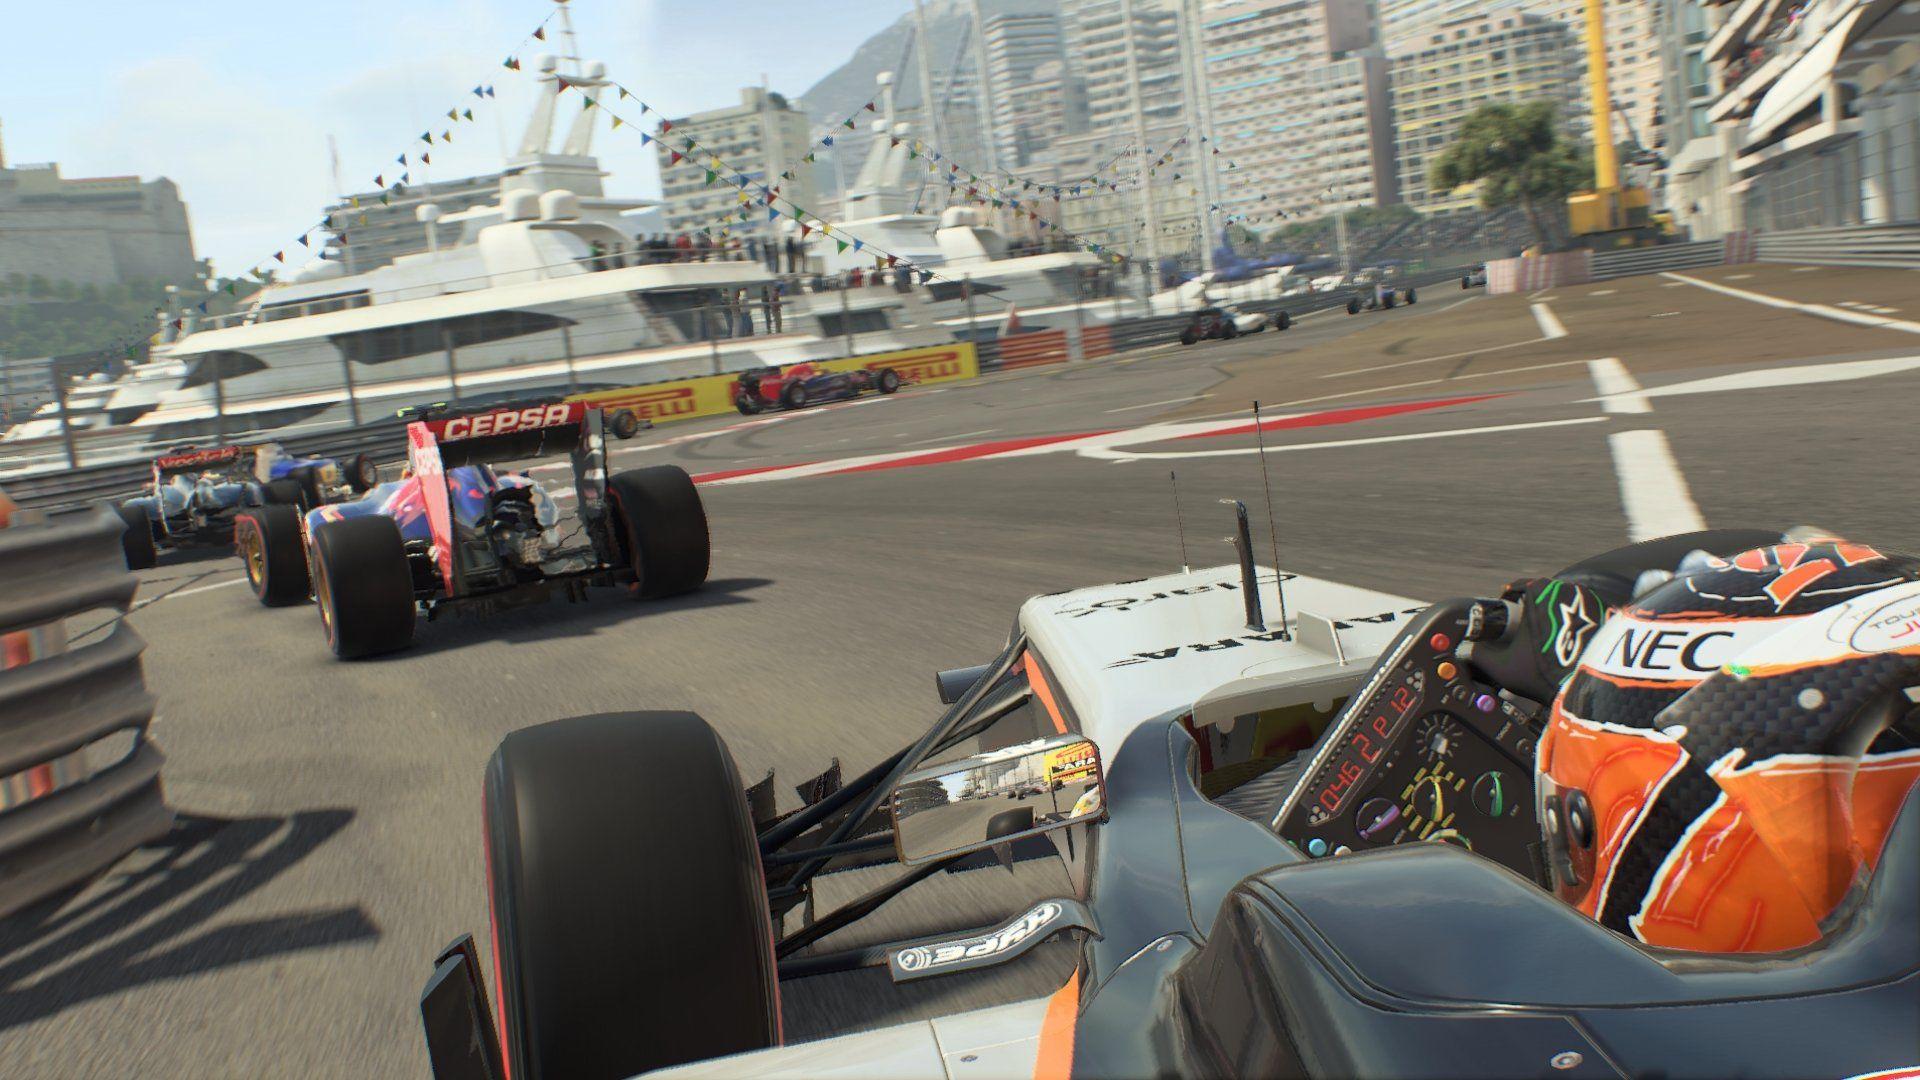 F1 2015 (PS4) - 7